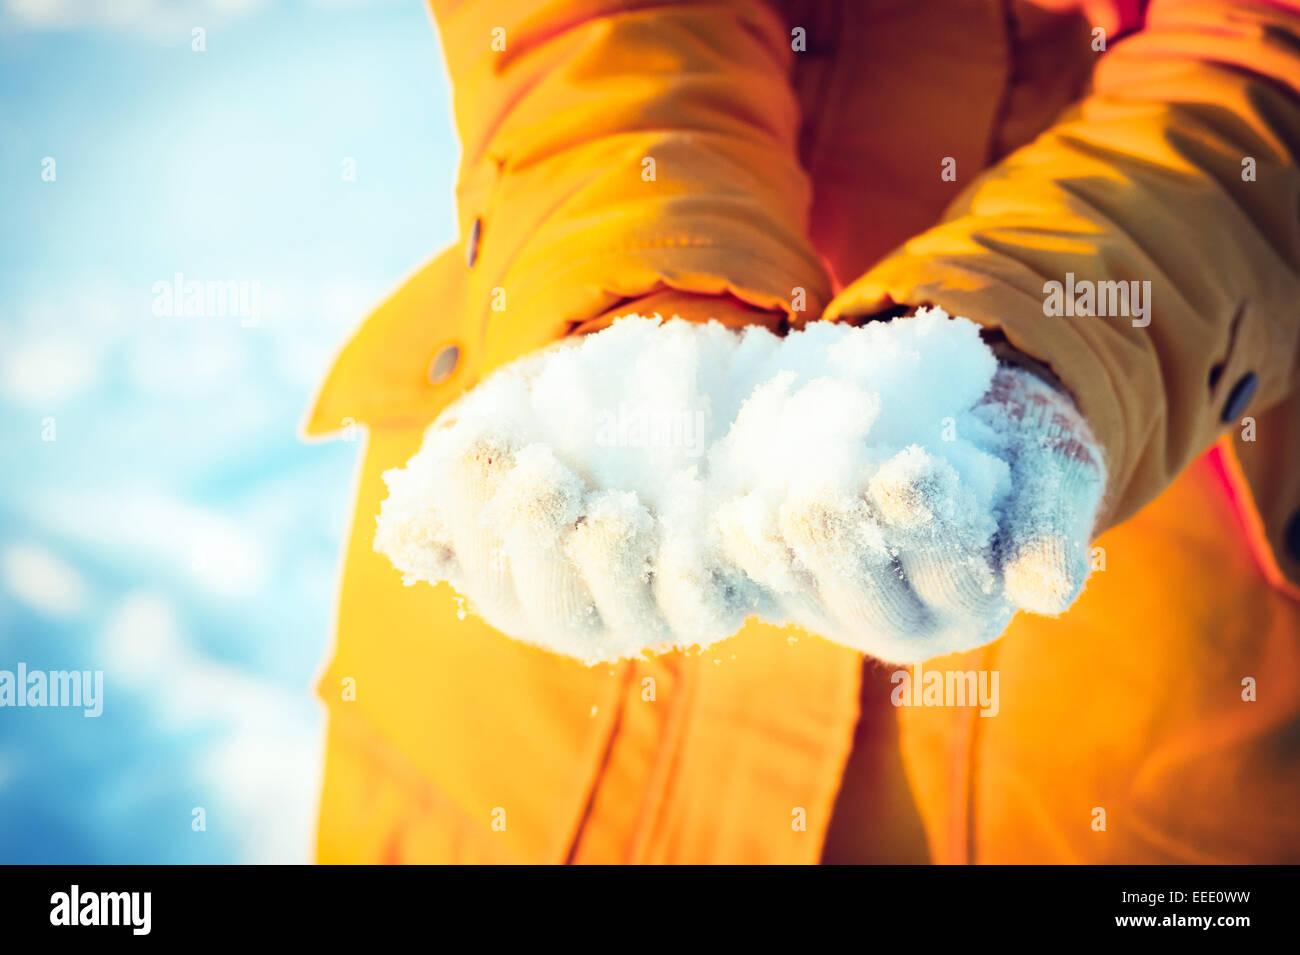 Mujer de nieve en manos dando vida al aire libre vacaciones de invierno Imagen De Stock